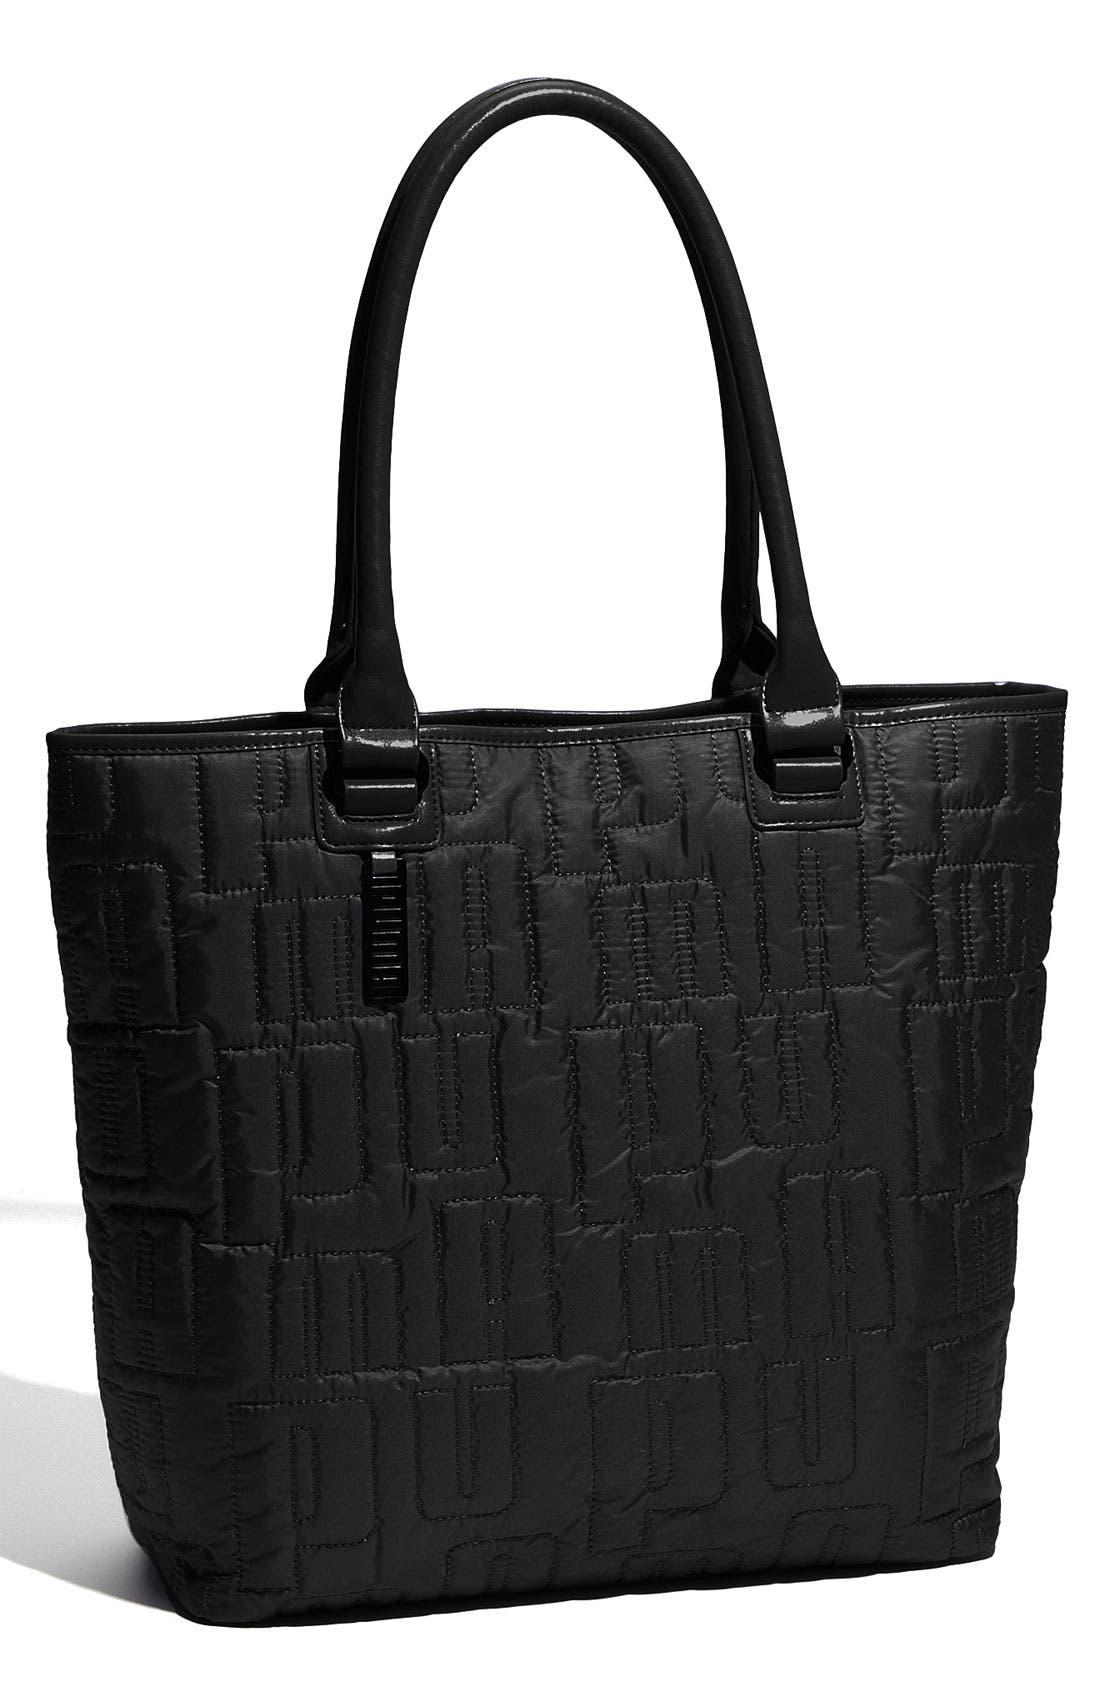 Main Image - PUMA 'Avenue' Tote Bag